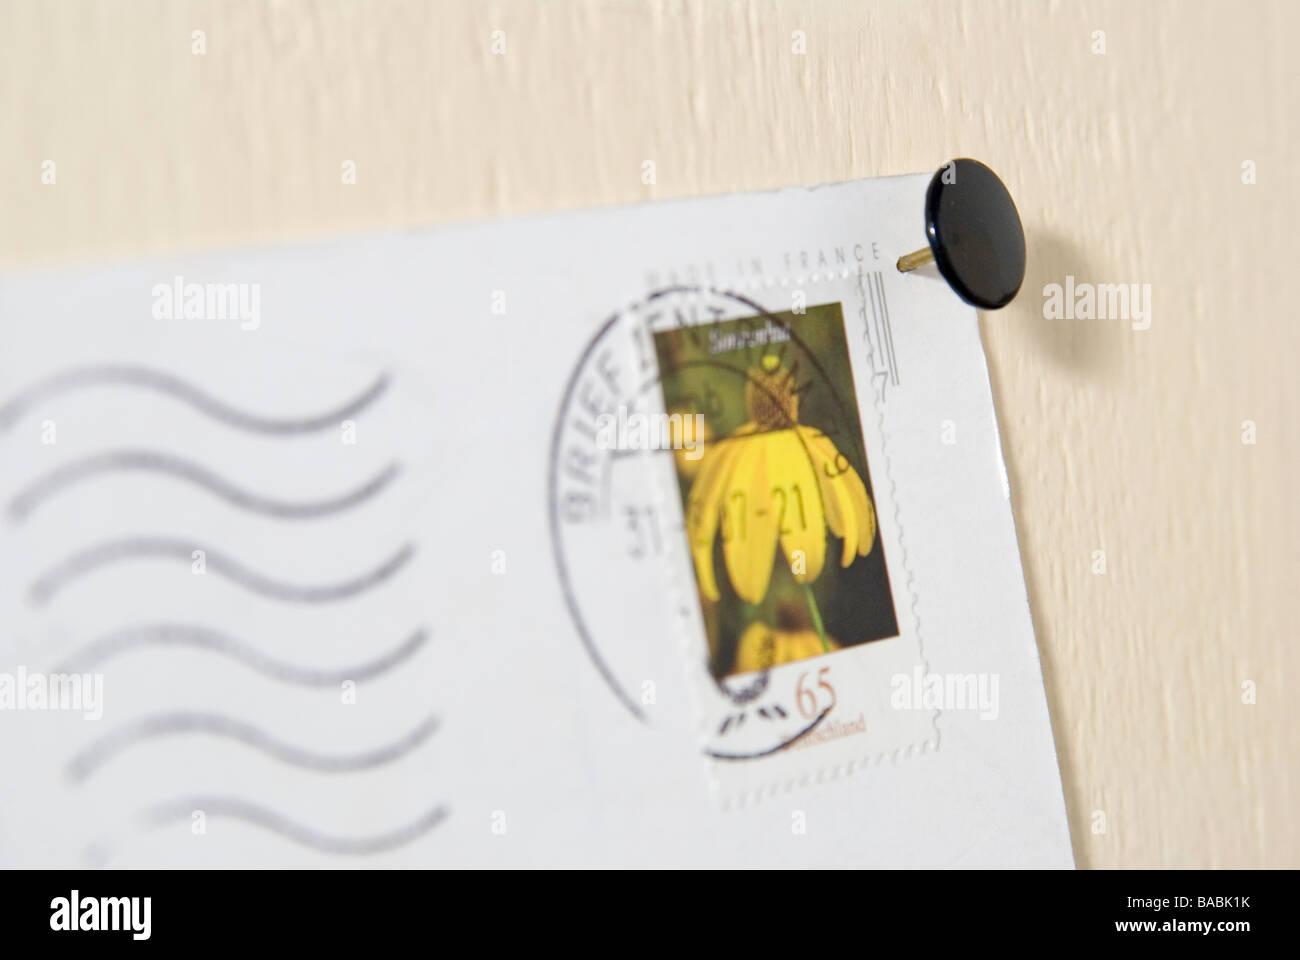 Cartolina fissata con pin Immagini Stock